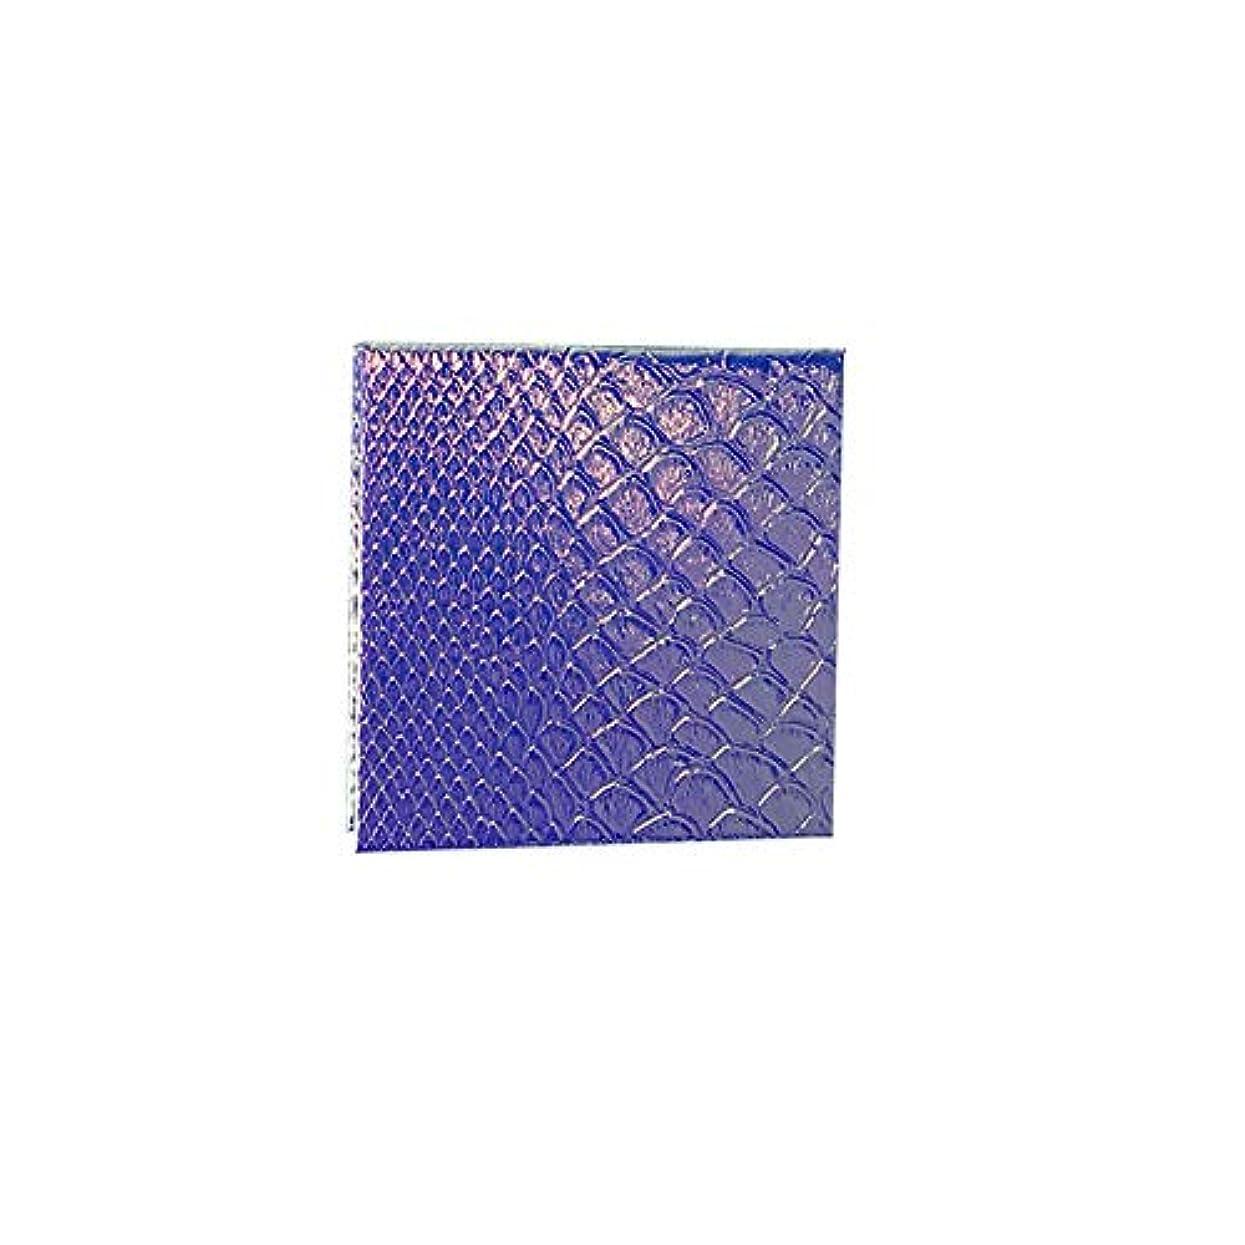 交換未就学不測の事態空の化粧アイシャドーパレット磁気空パレット接着剤空のパレット金属ステッカー空のパレットキット(S)